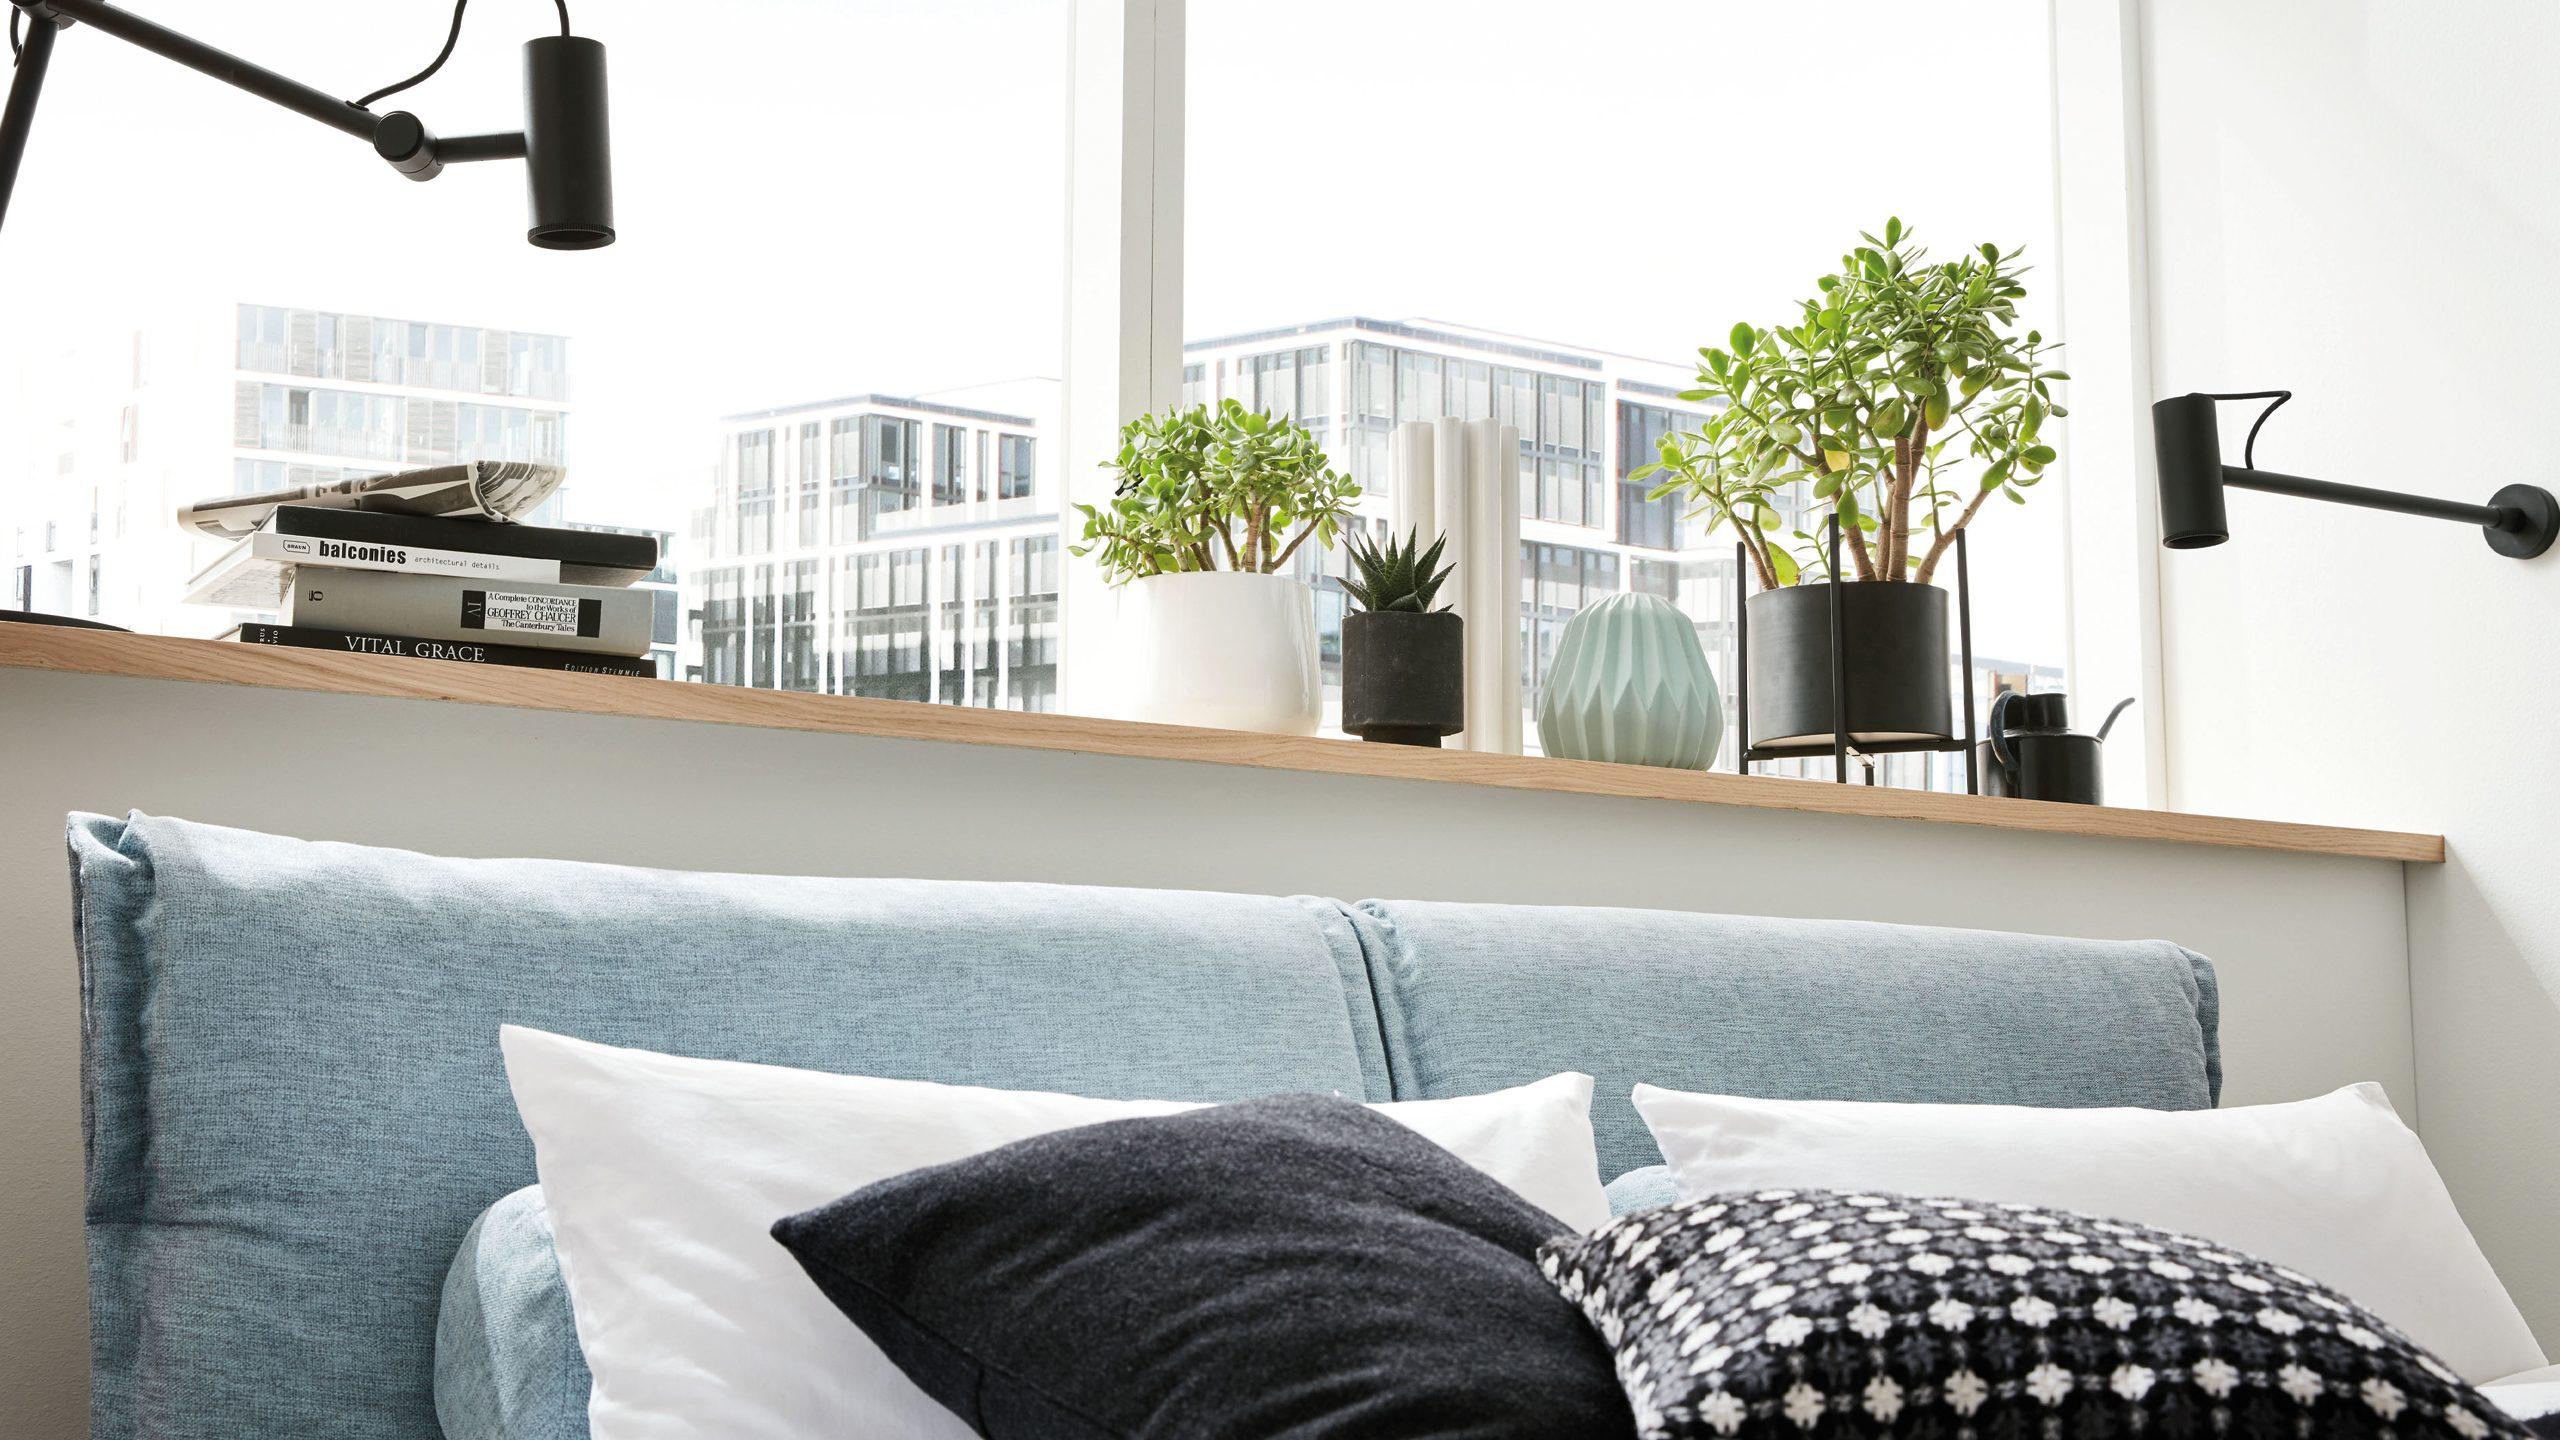 Pflanzen im Schlafzimmer  Diese Pflanzen verbessern die Luftqualität